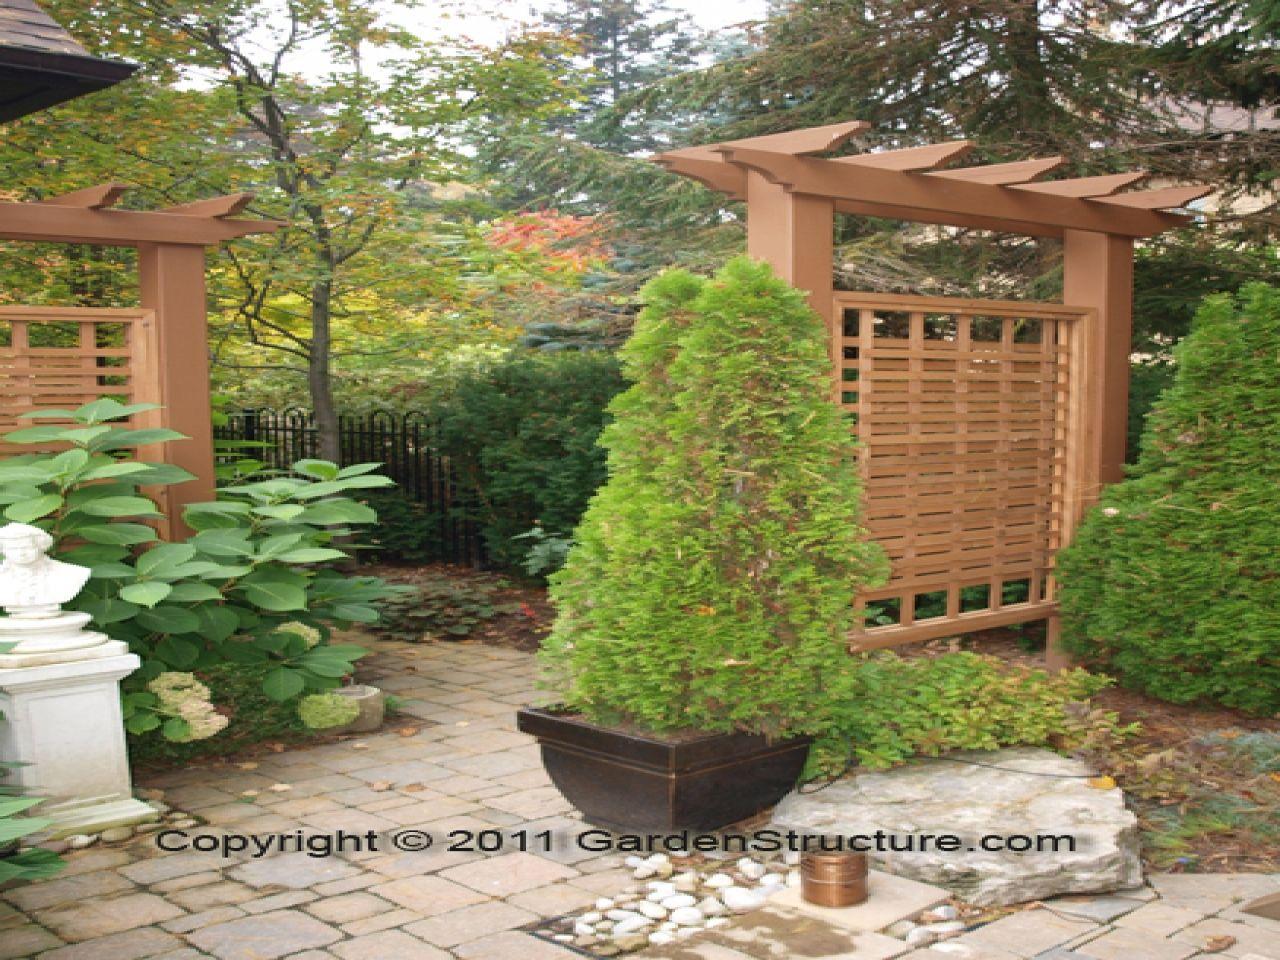 Delighted Outdoor Garden Screens Images - Beautiful Garden - dlix.us